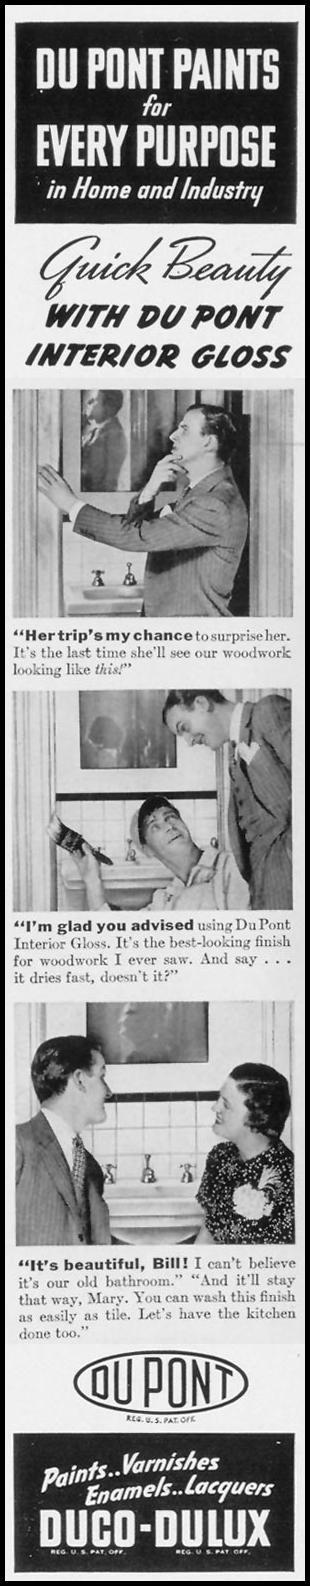 DU PONT DUCO-DULUX PAINTS LIFE 09/27/1937 p. 10